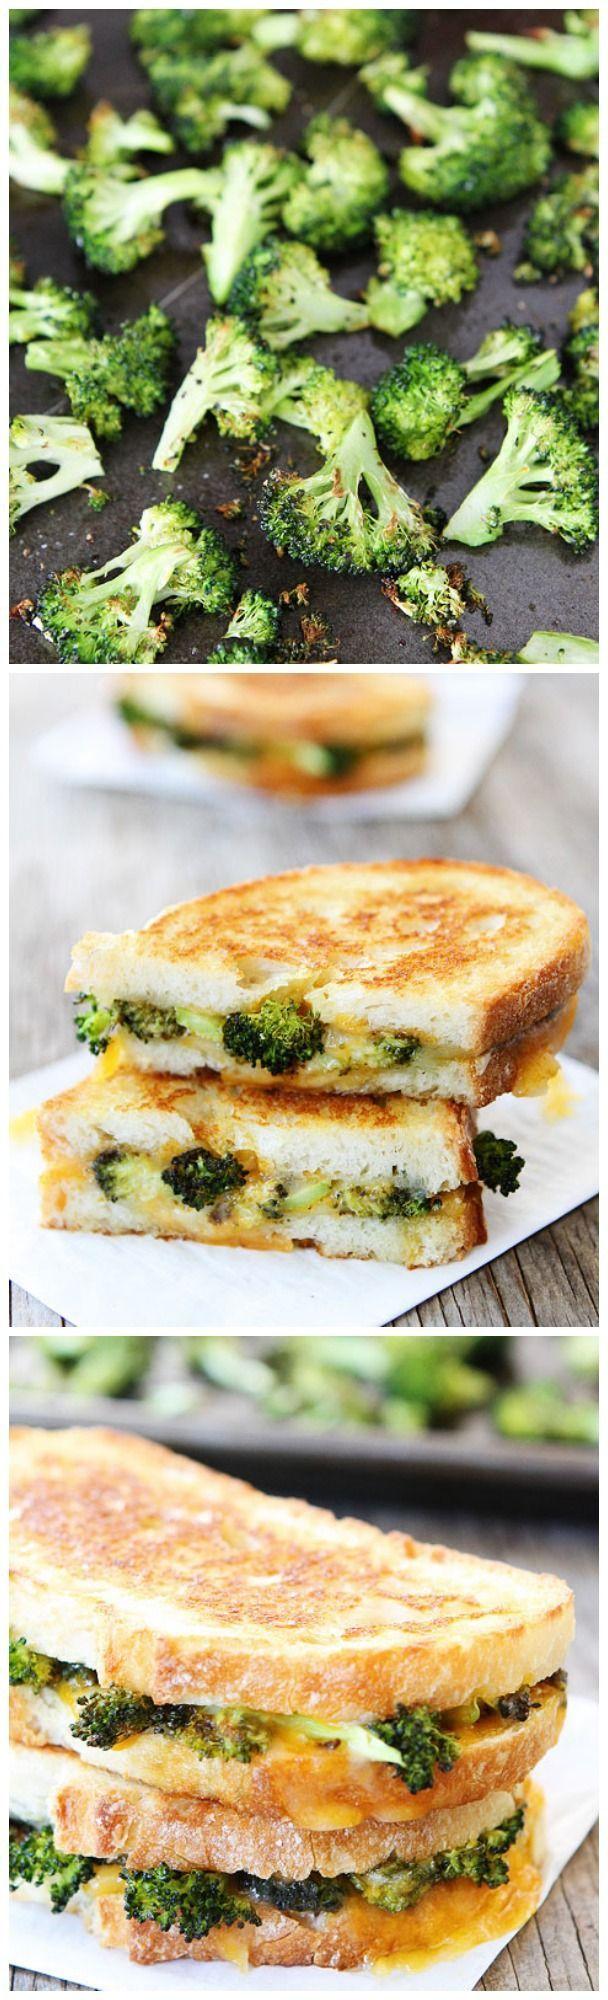 Sandwich de brócoli salteado y queso. Fácil y rápido de preparar! #ideas #colación #estudiantes #umayor